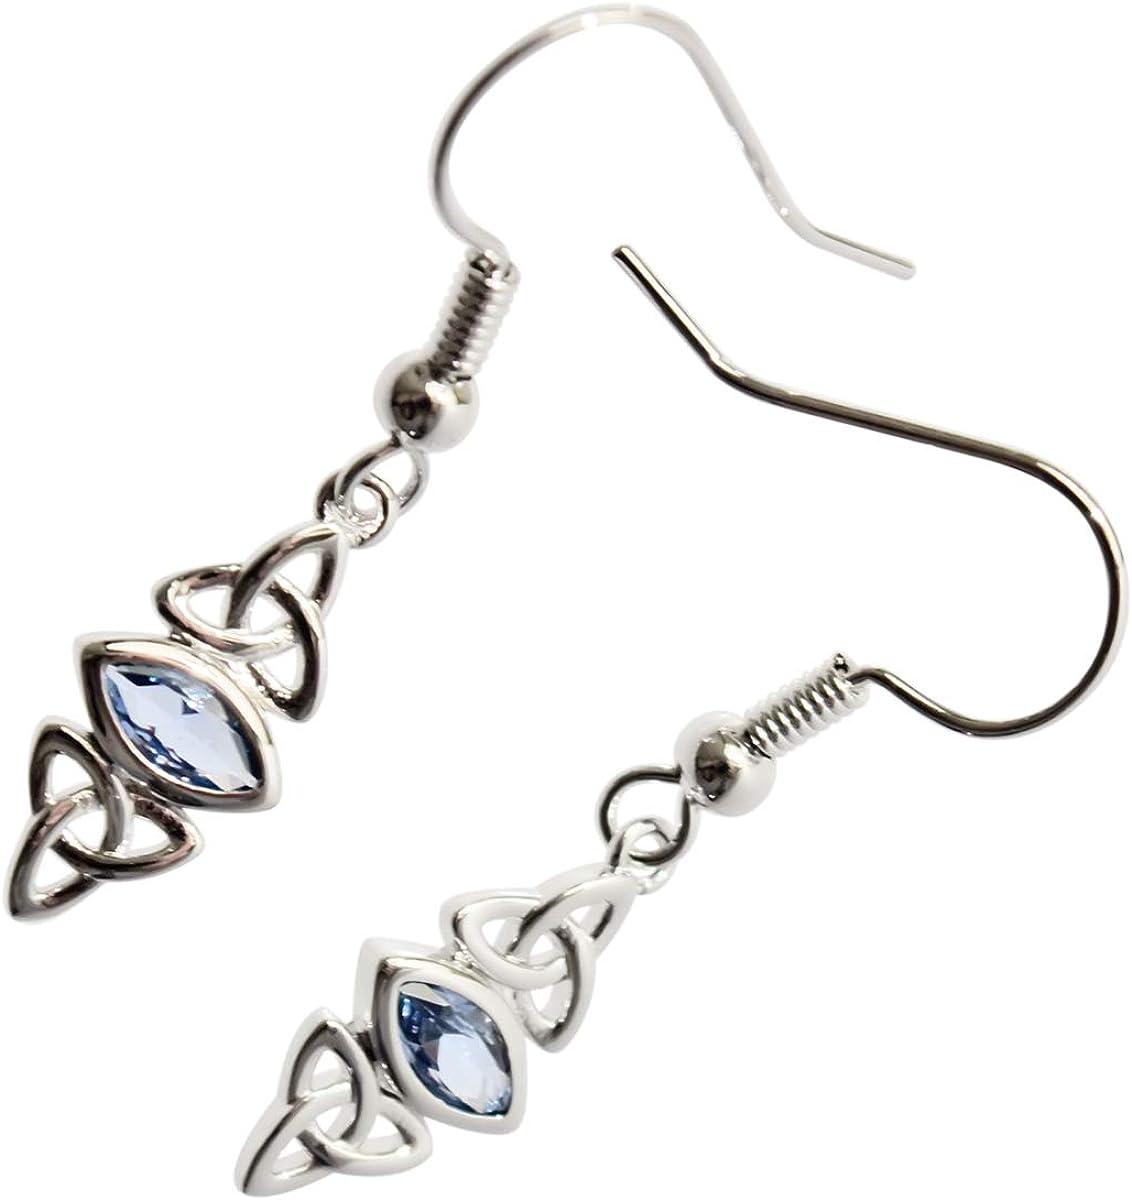 GWG Jewellery Pendientes Mujer Regalo Pendientes Colgantes, Chapados en Oro Blanco 18K Triquetras Celtas de Trinidad Abrazadas Cristal de Color Turquesa Azul para Mujeres